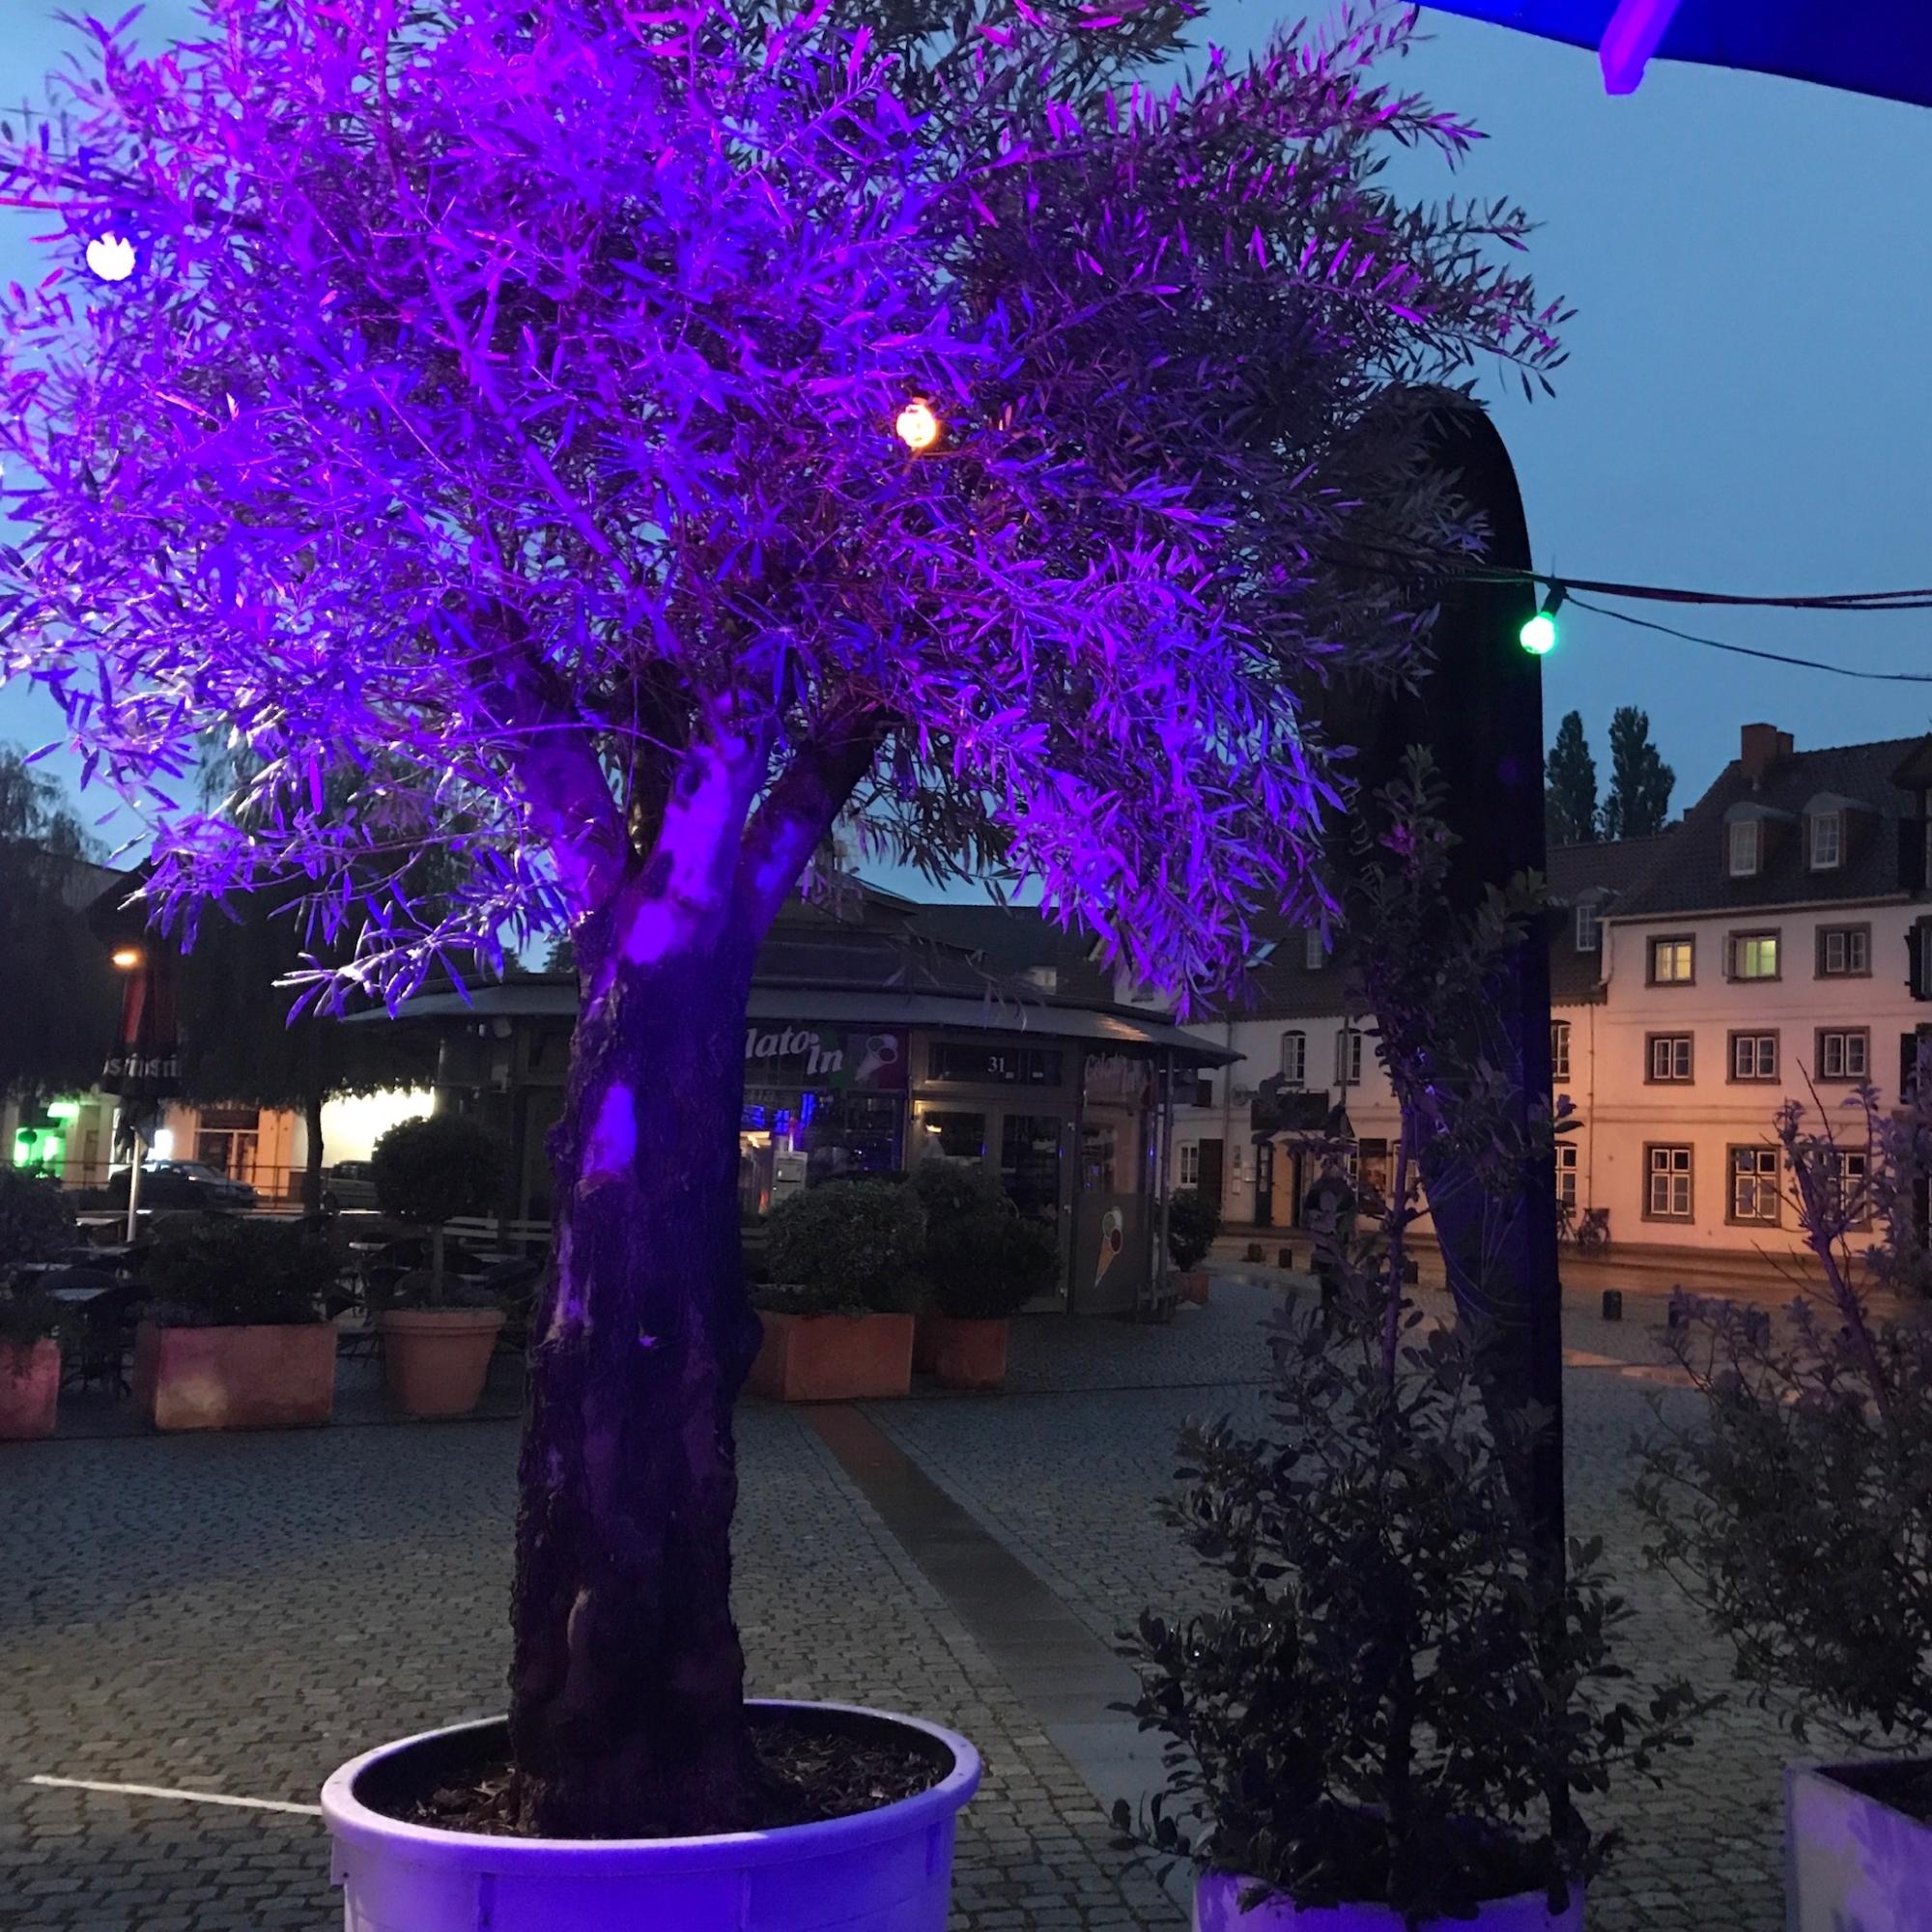 Restaurant-Wedel-Mühlenstein-Burger-Pizza-Brunch-Afterwork Außenbereich